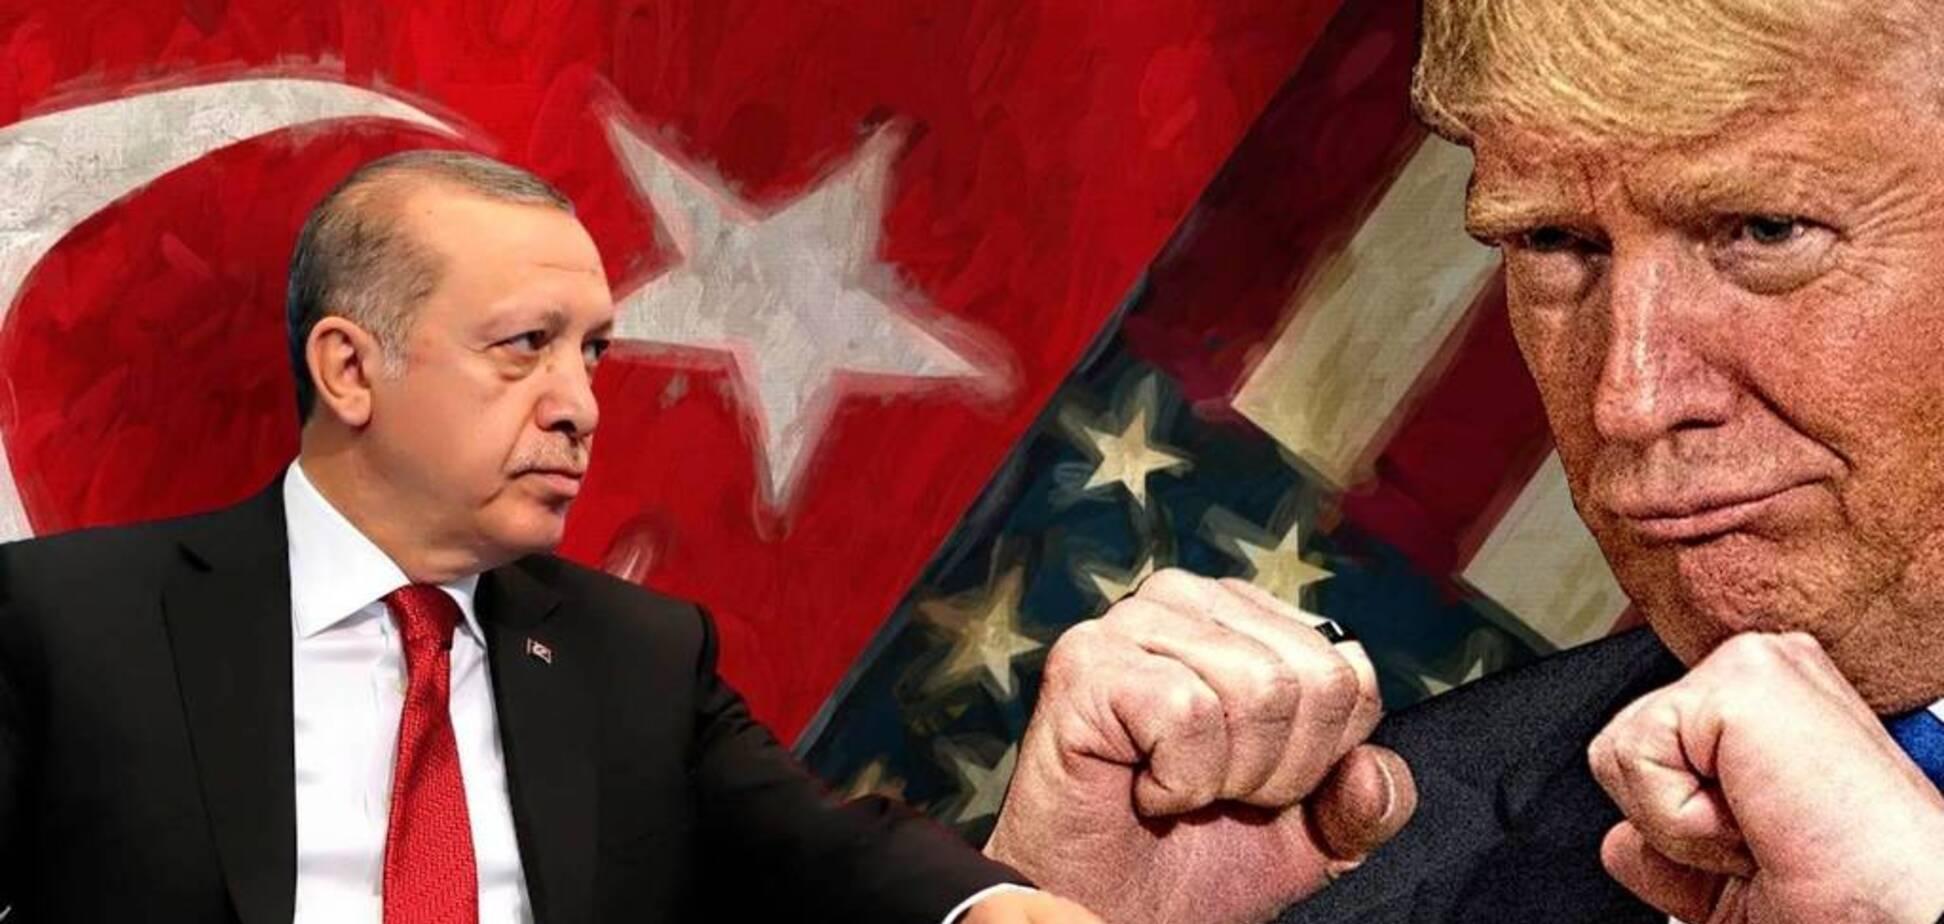 Літургія за стратегічним розлученням: США-Туреччина